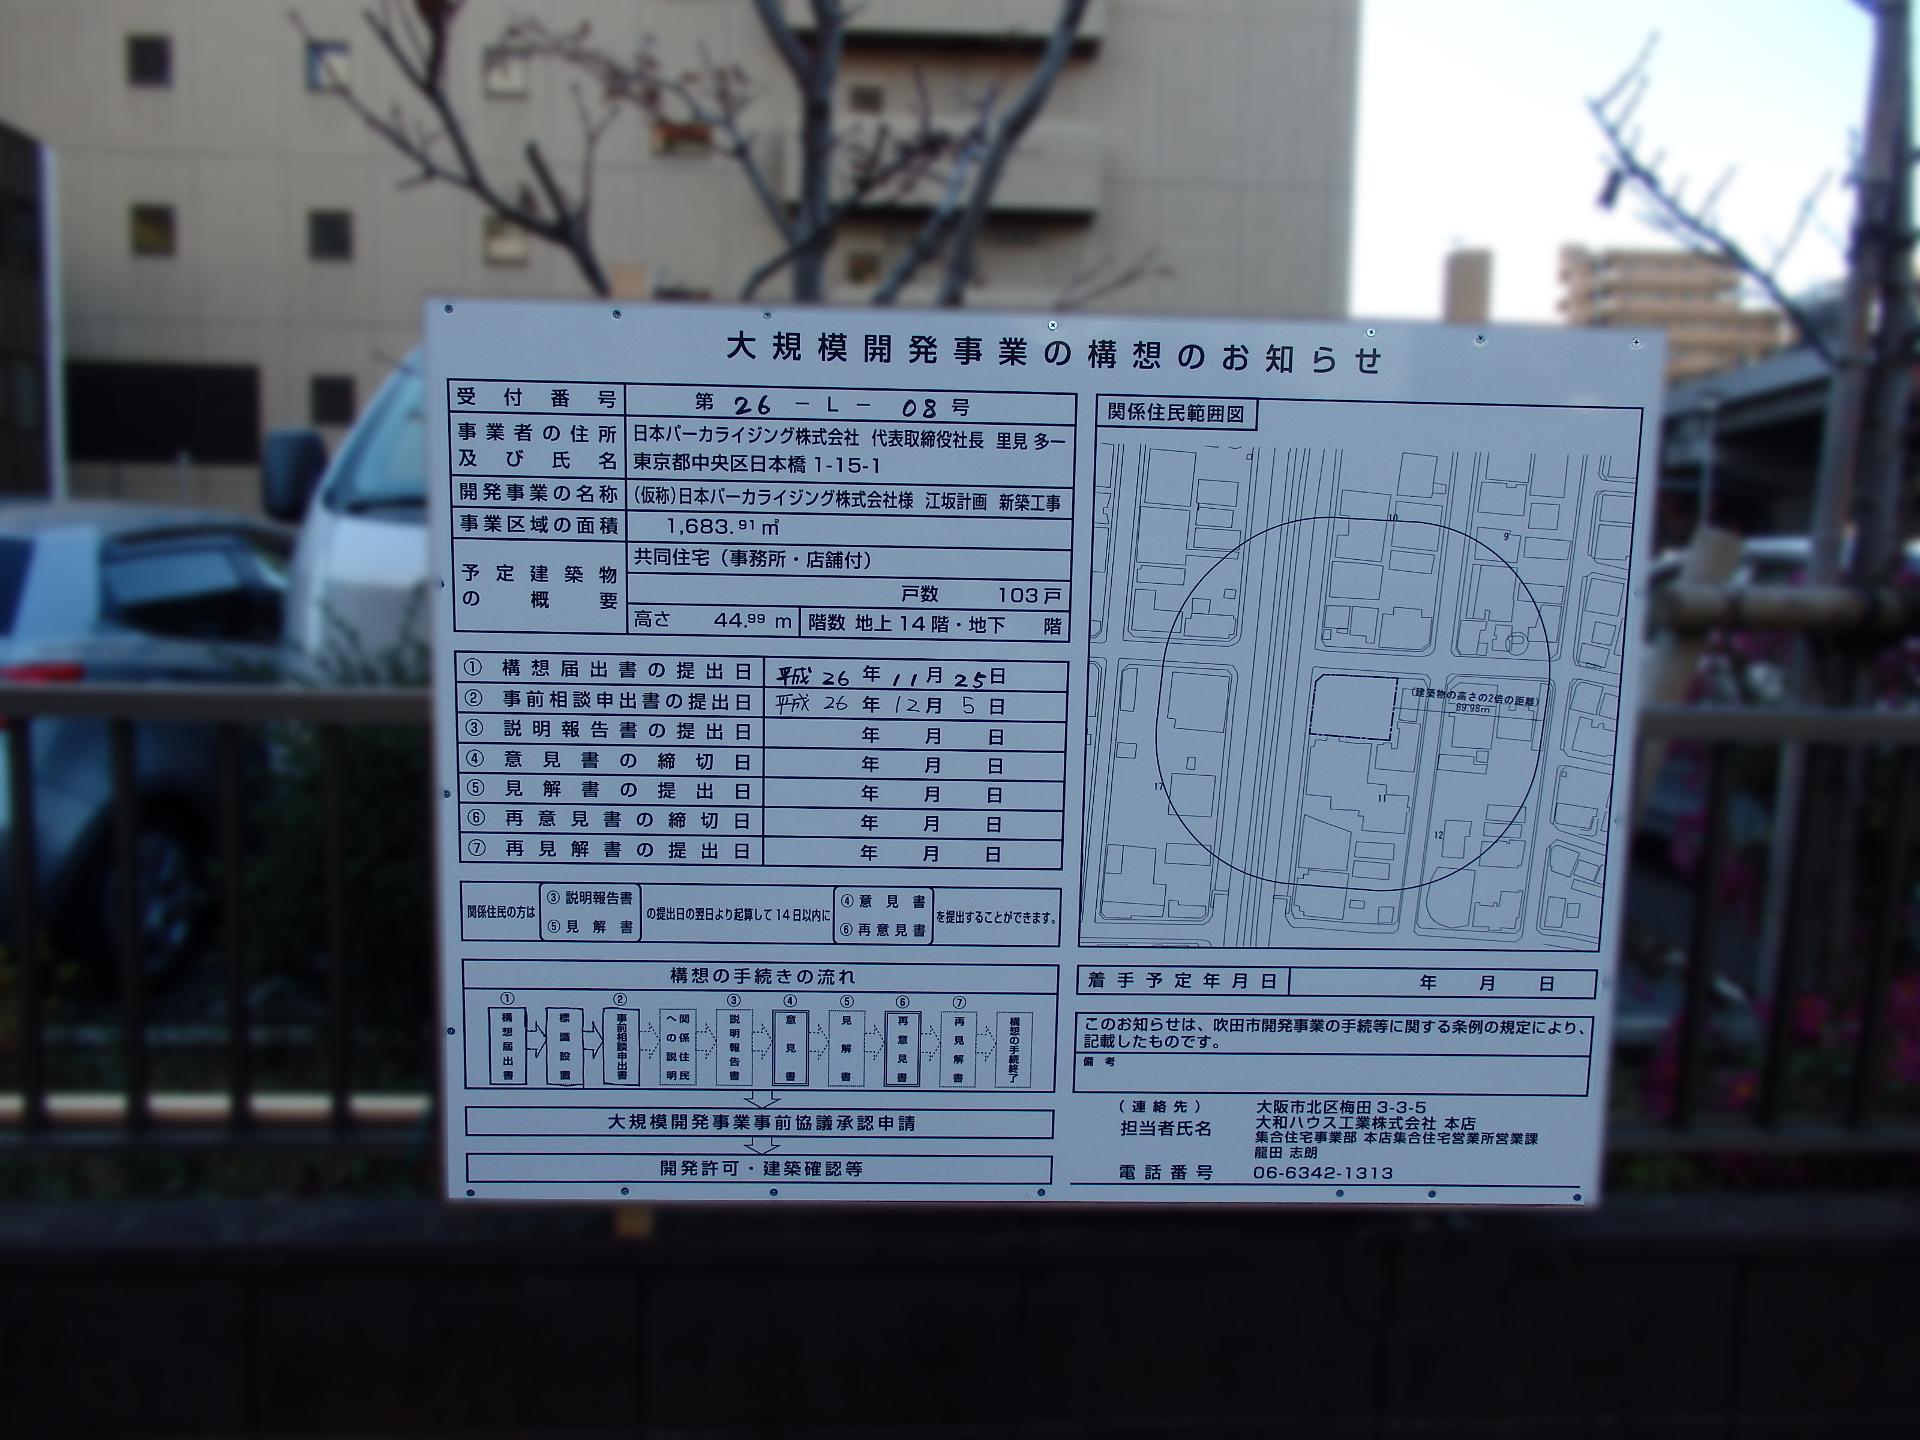 日本パーカライジングが社屋を高層建築に建て替えるそうです。